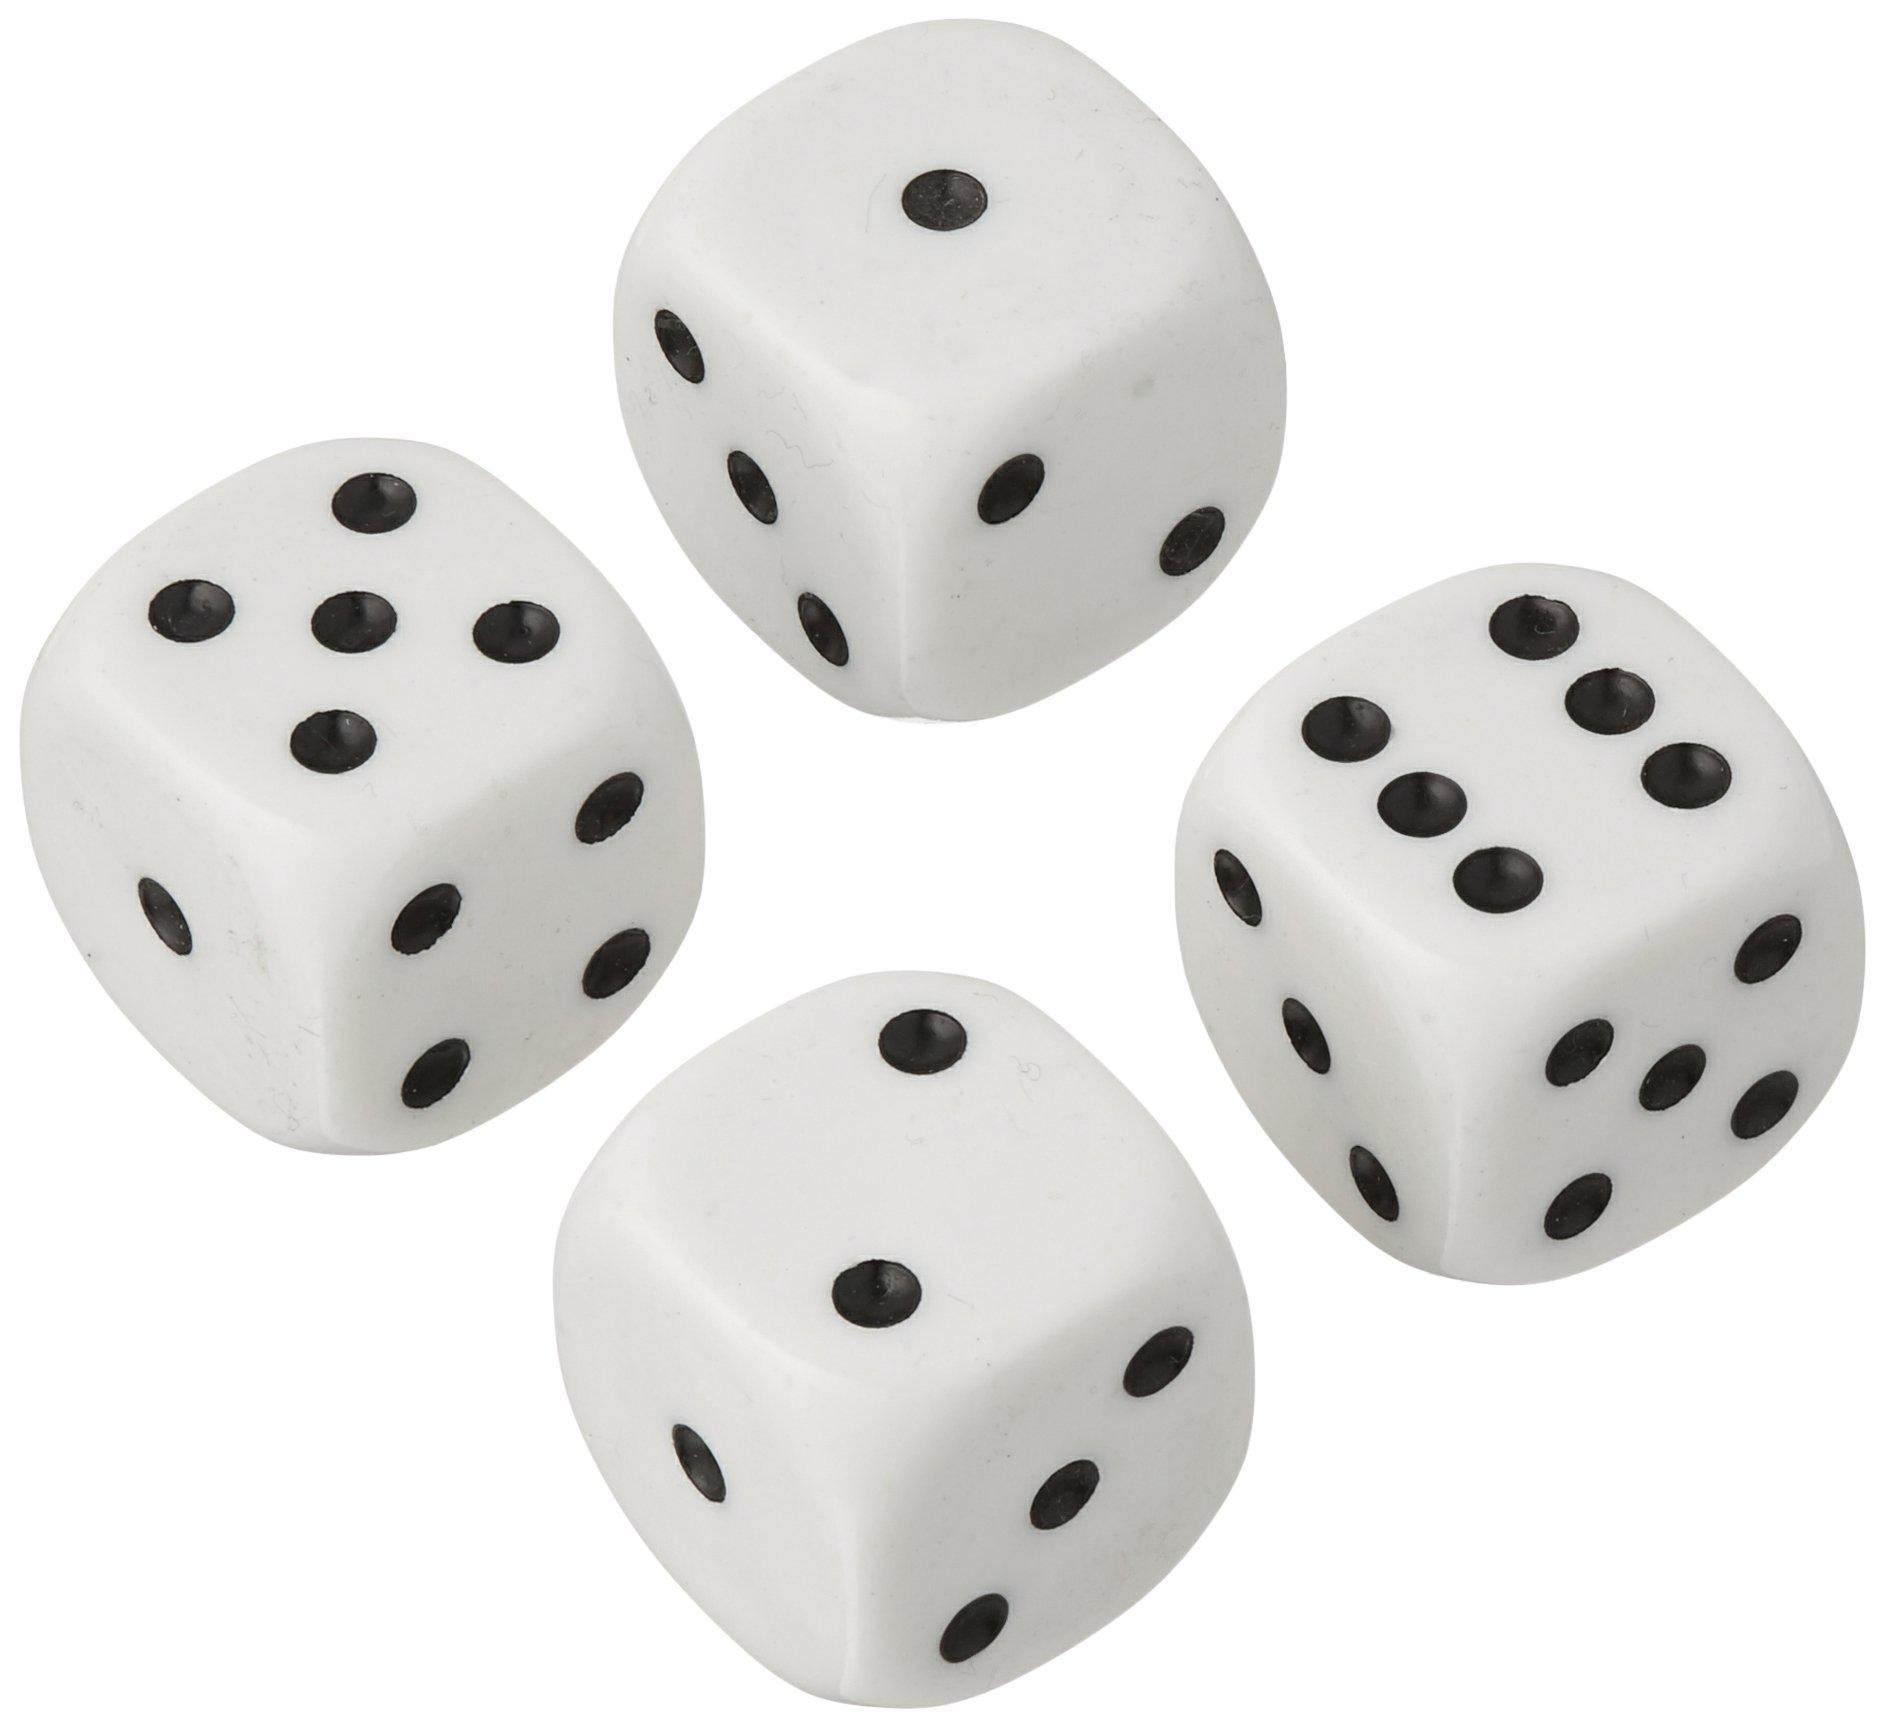 Kole Imports Large Jumbo Dice 7/8'' (22mm) White with Black Pips - Set of 4